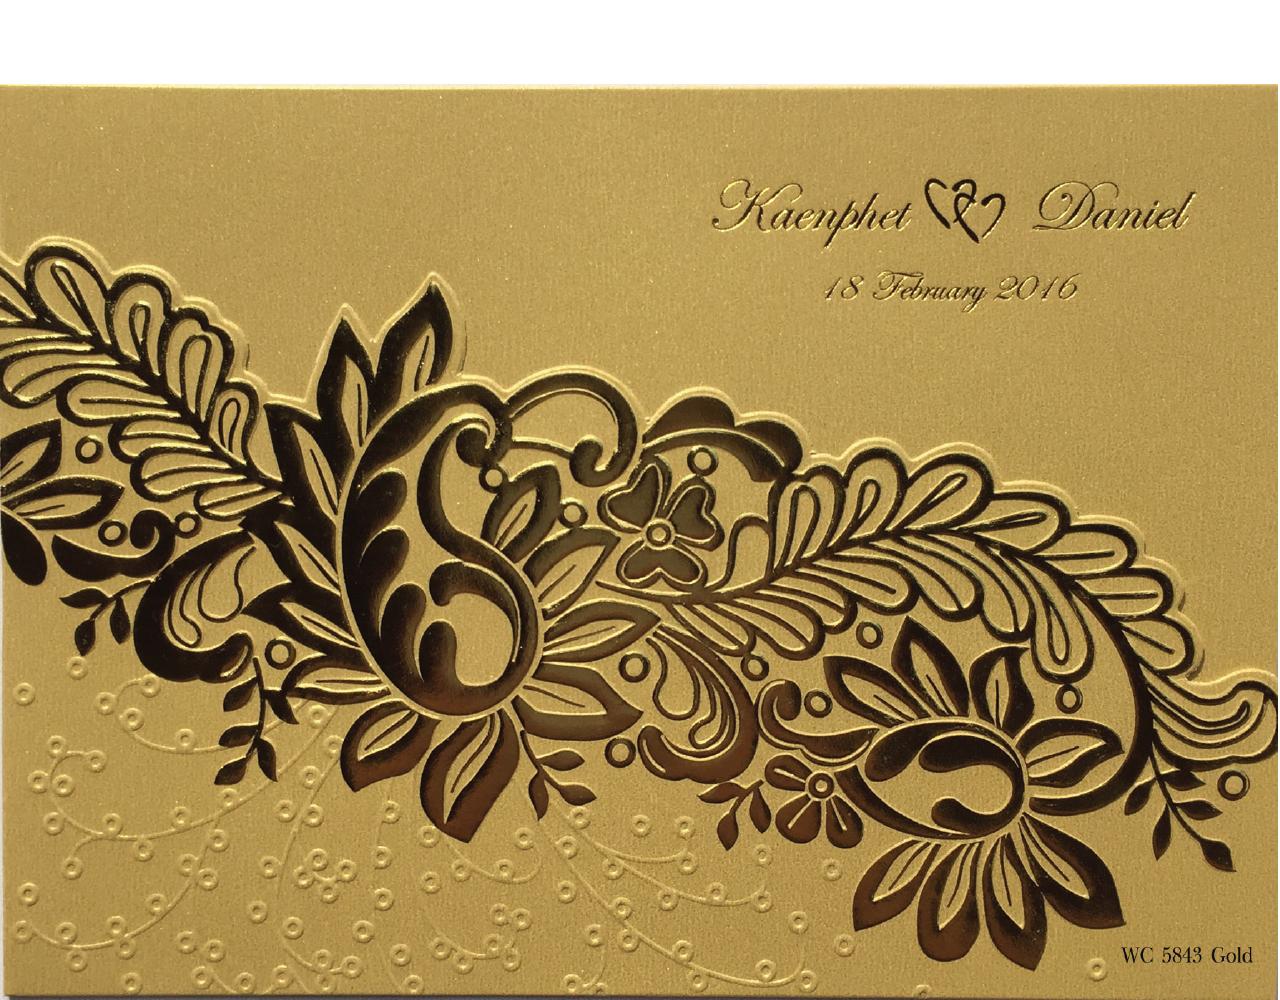 การ์ดแต่งงาน การ์ดเชิญงานแต่ง สีมุกทอง การ์ดสามพับ ไดคัทไม้เลื้อย พิมพ์ทอง ปั๊มนูน wedding card 7.3 x 5.2 inch wc 5843 Gold